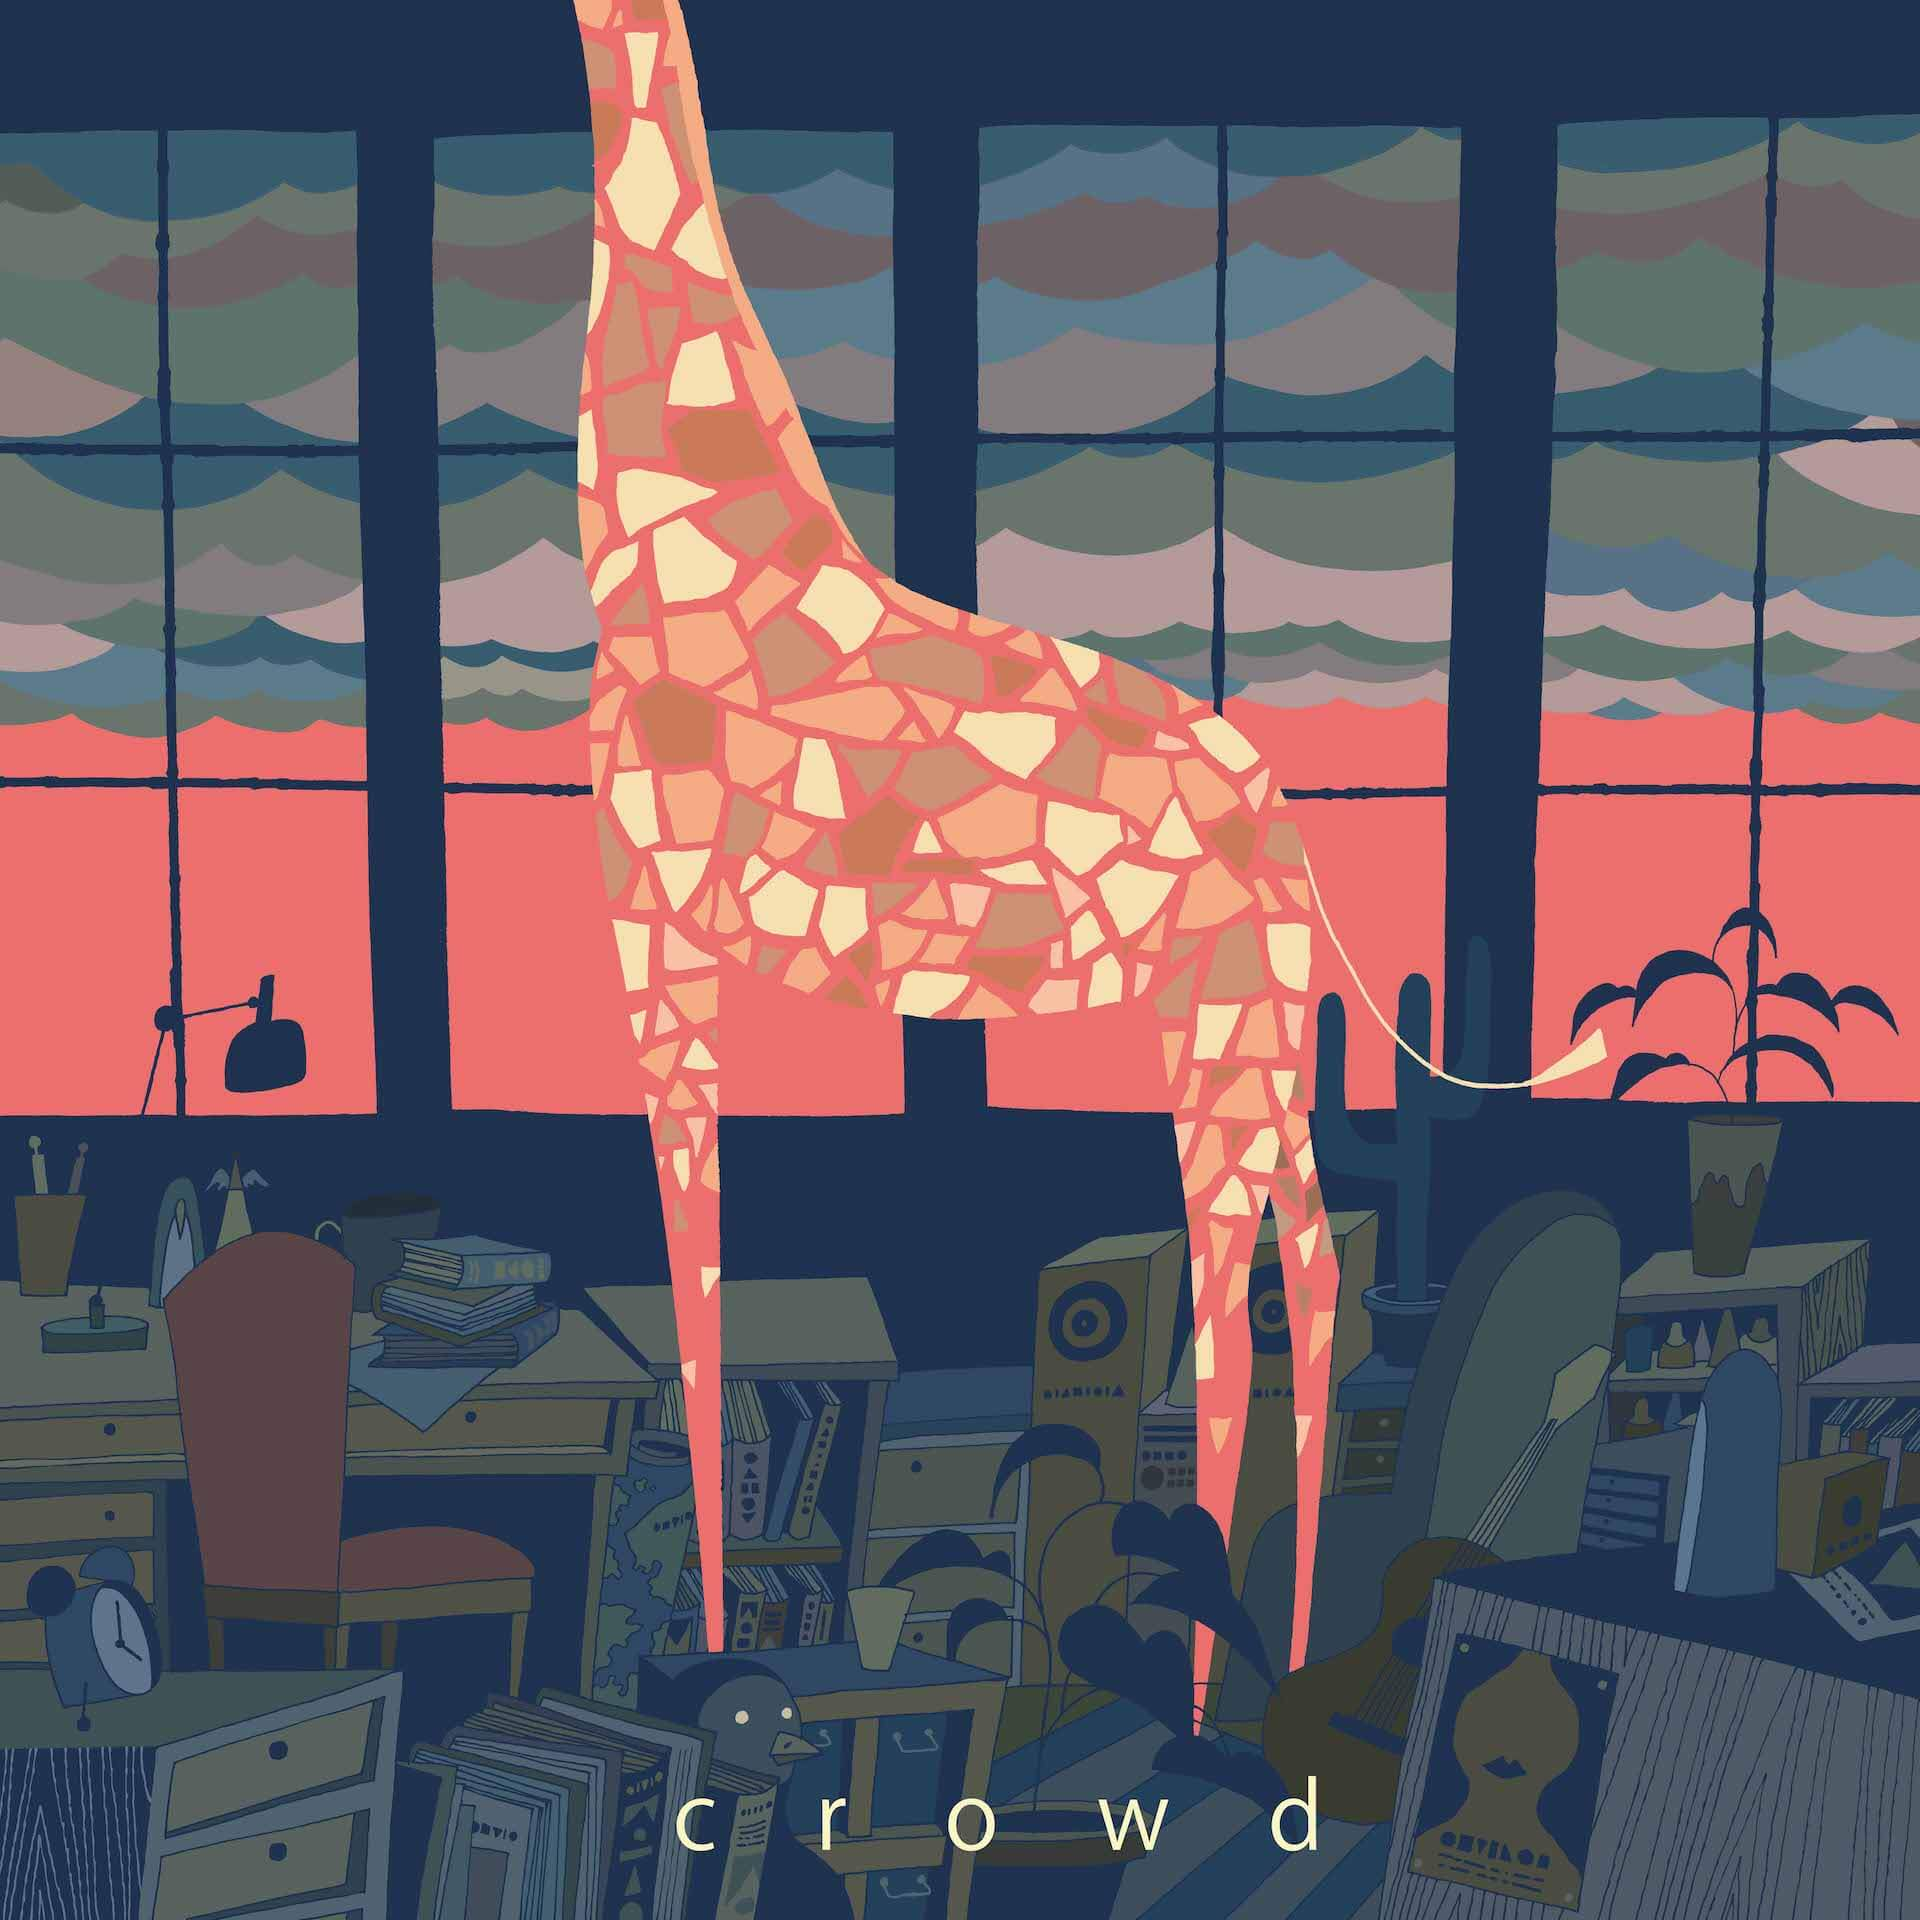 阿佐ヶ谷Rojiが、cero、VIDEOTAPEMUSICなどゆかりのあるアーティストによるコンピレーション・デモ音源集『crowd』をリリース! music200423_roji_main